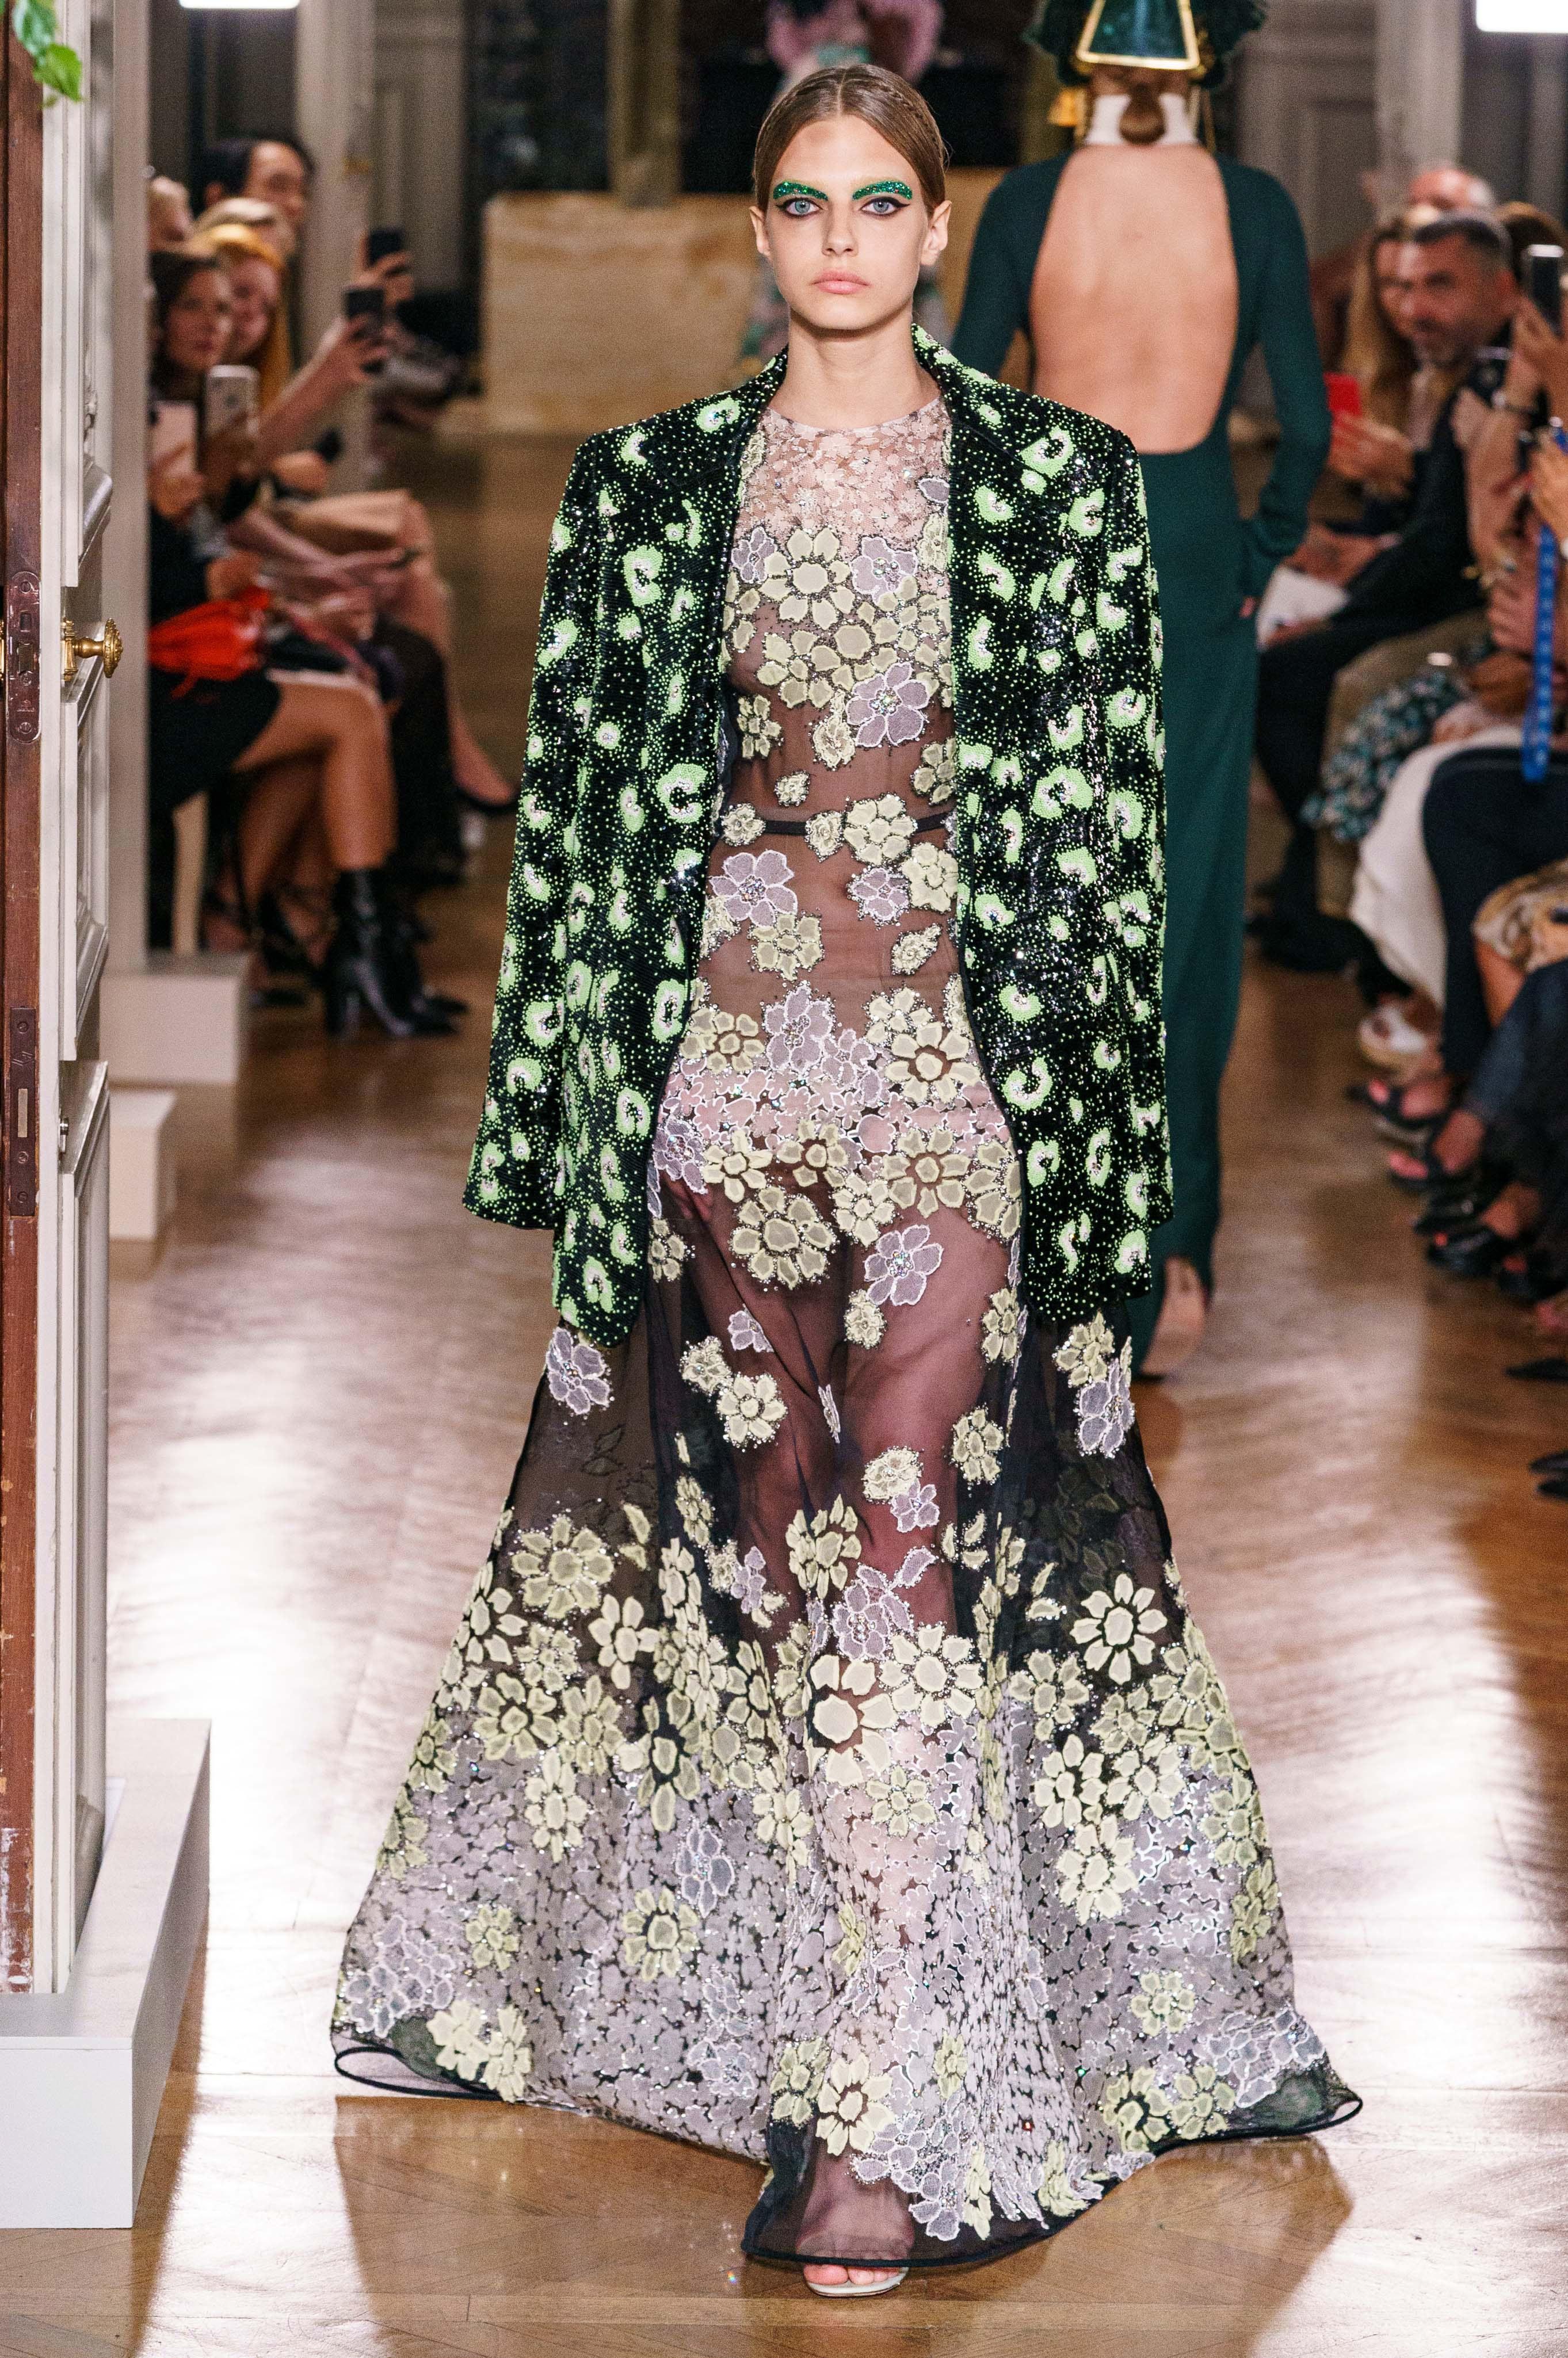 Show diễn Valentino: người mẫu diện cả cây lau nhà lên người và câu chuyện đằng sau! - 8